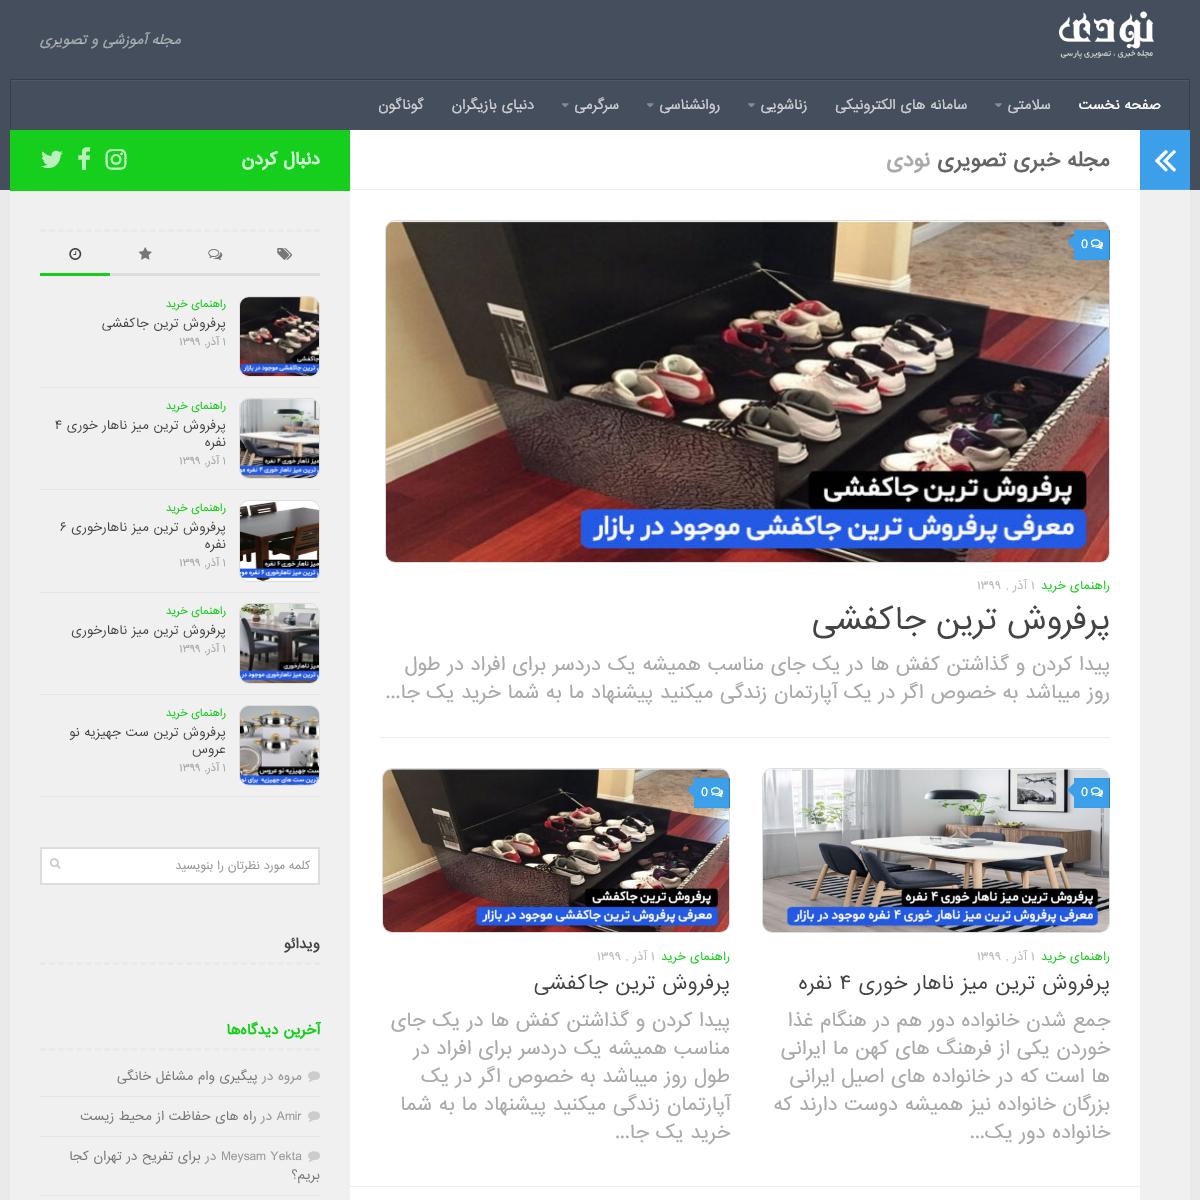 نودی - مجله آموزشی و تصویری